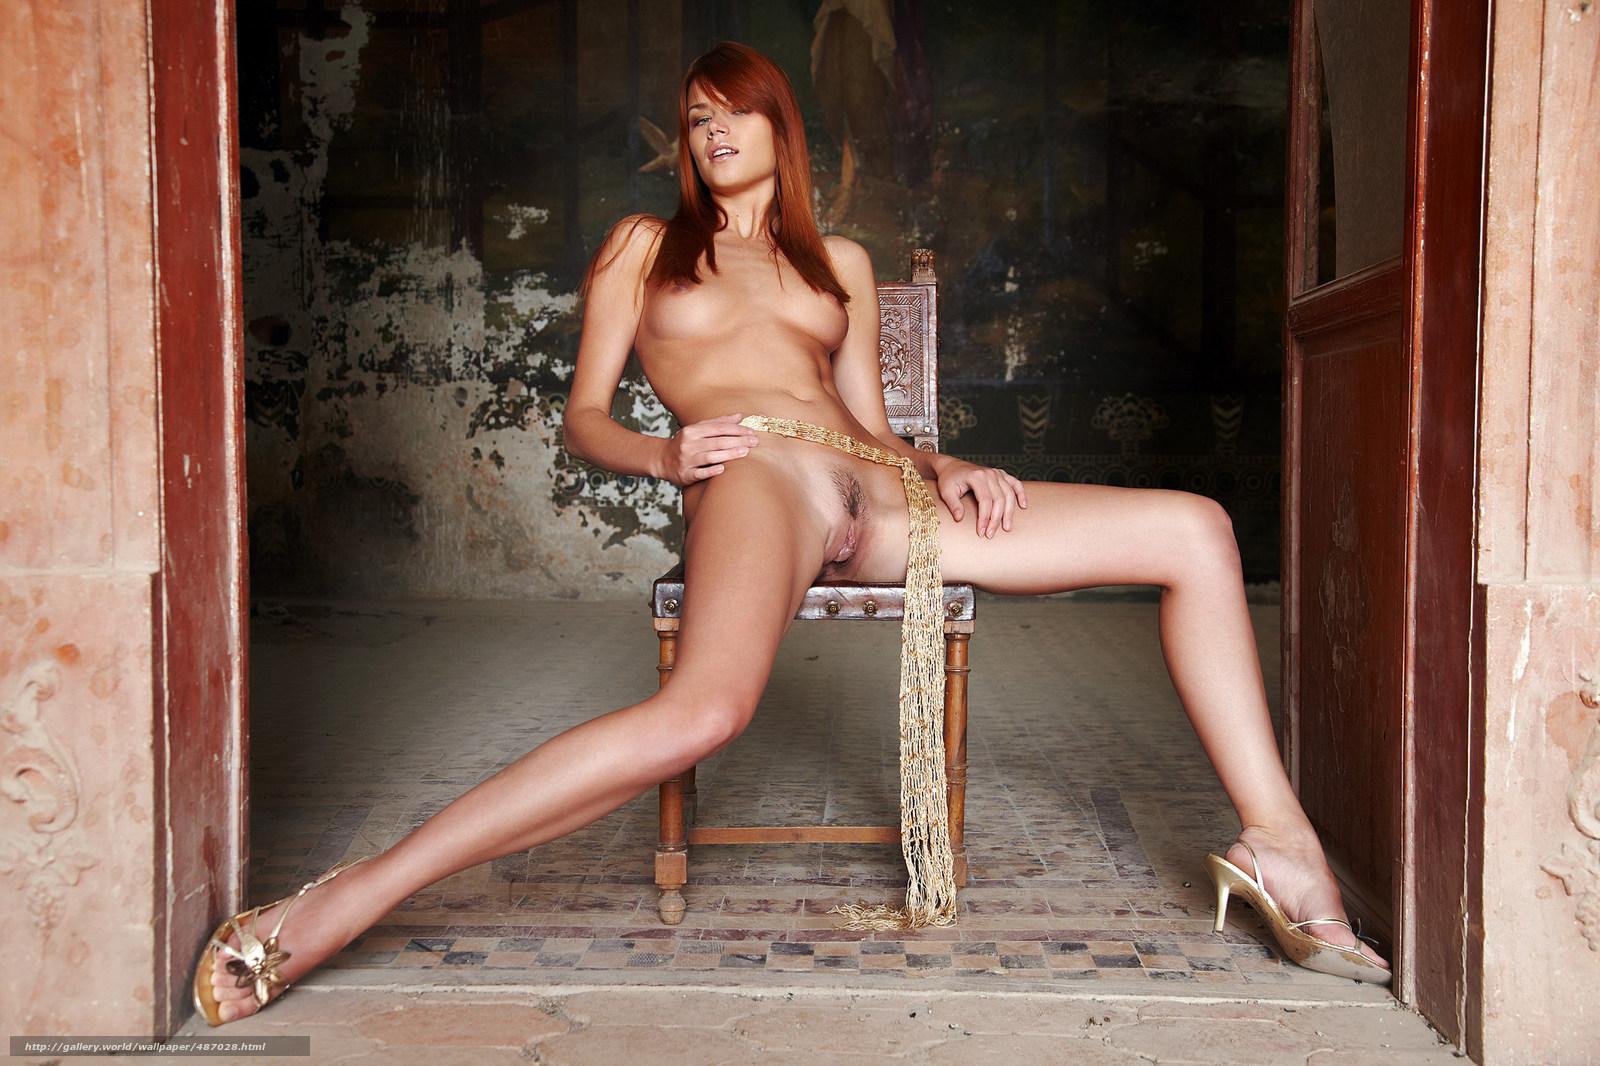 Соблазнительные девушки голых 16 фотография